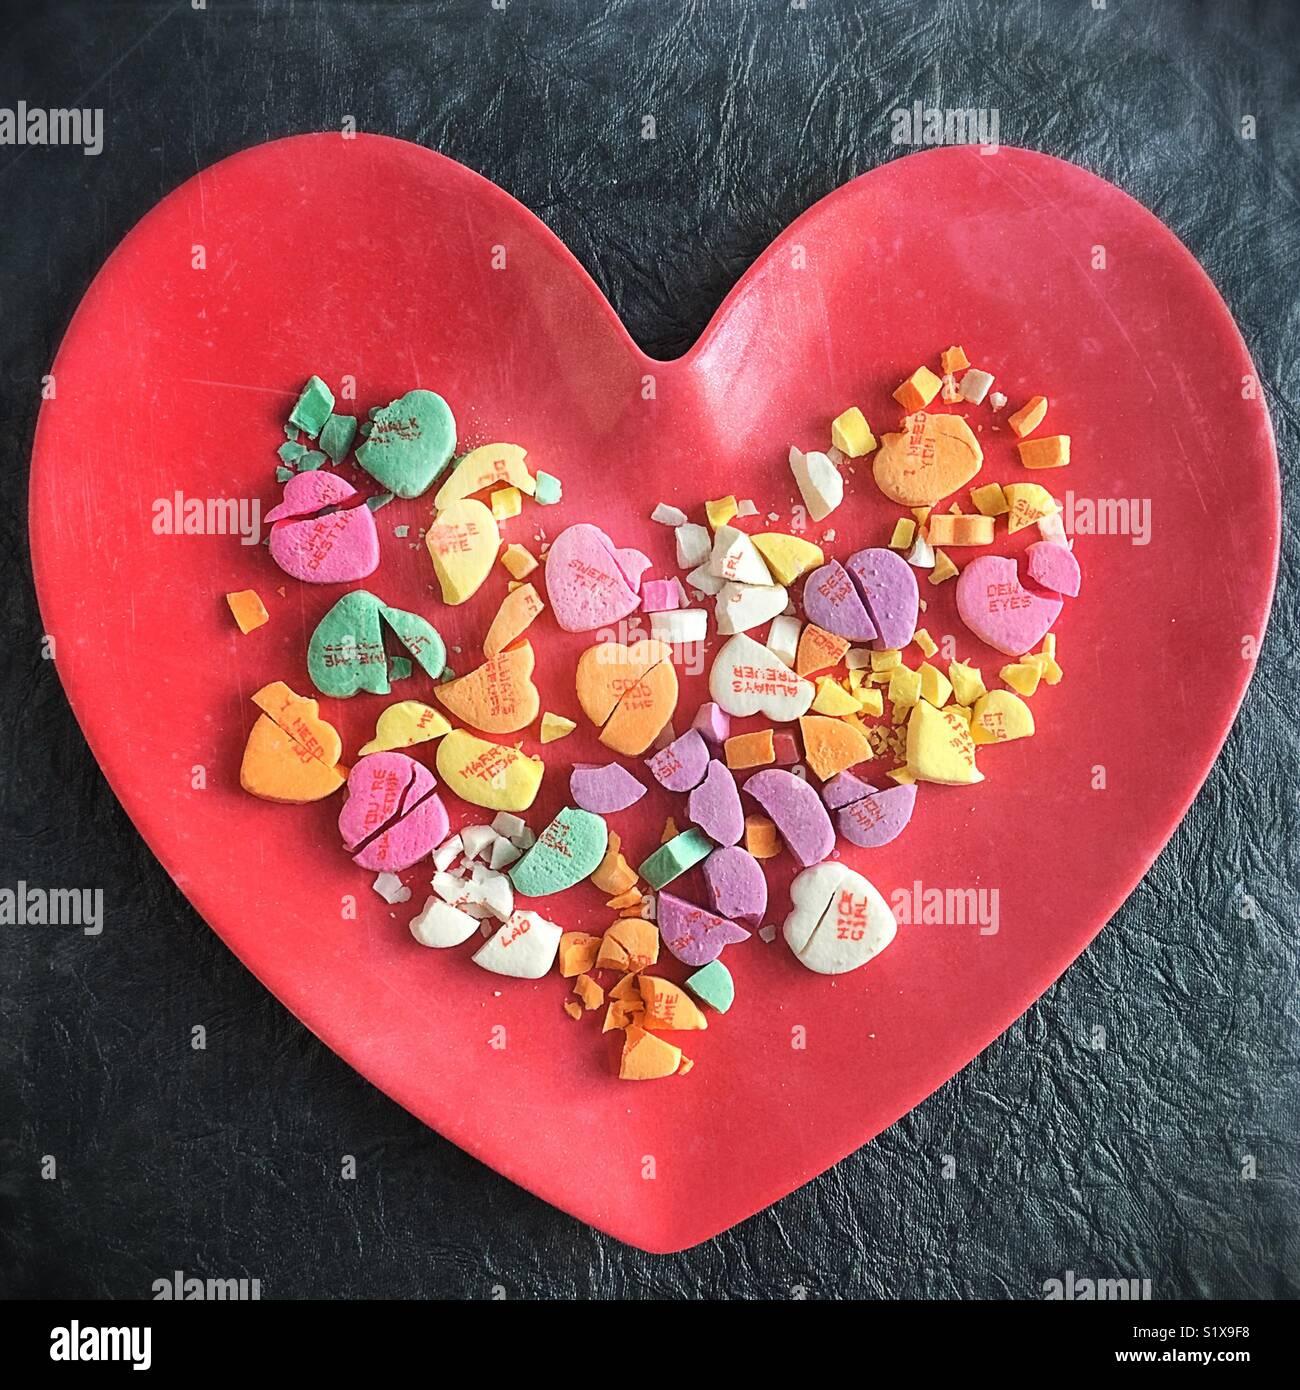 Bonbons coeur brisé sur une assiette. Photo Stock